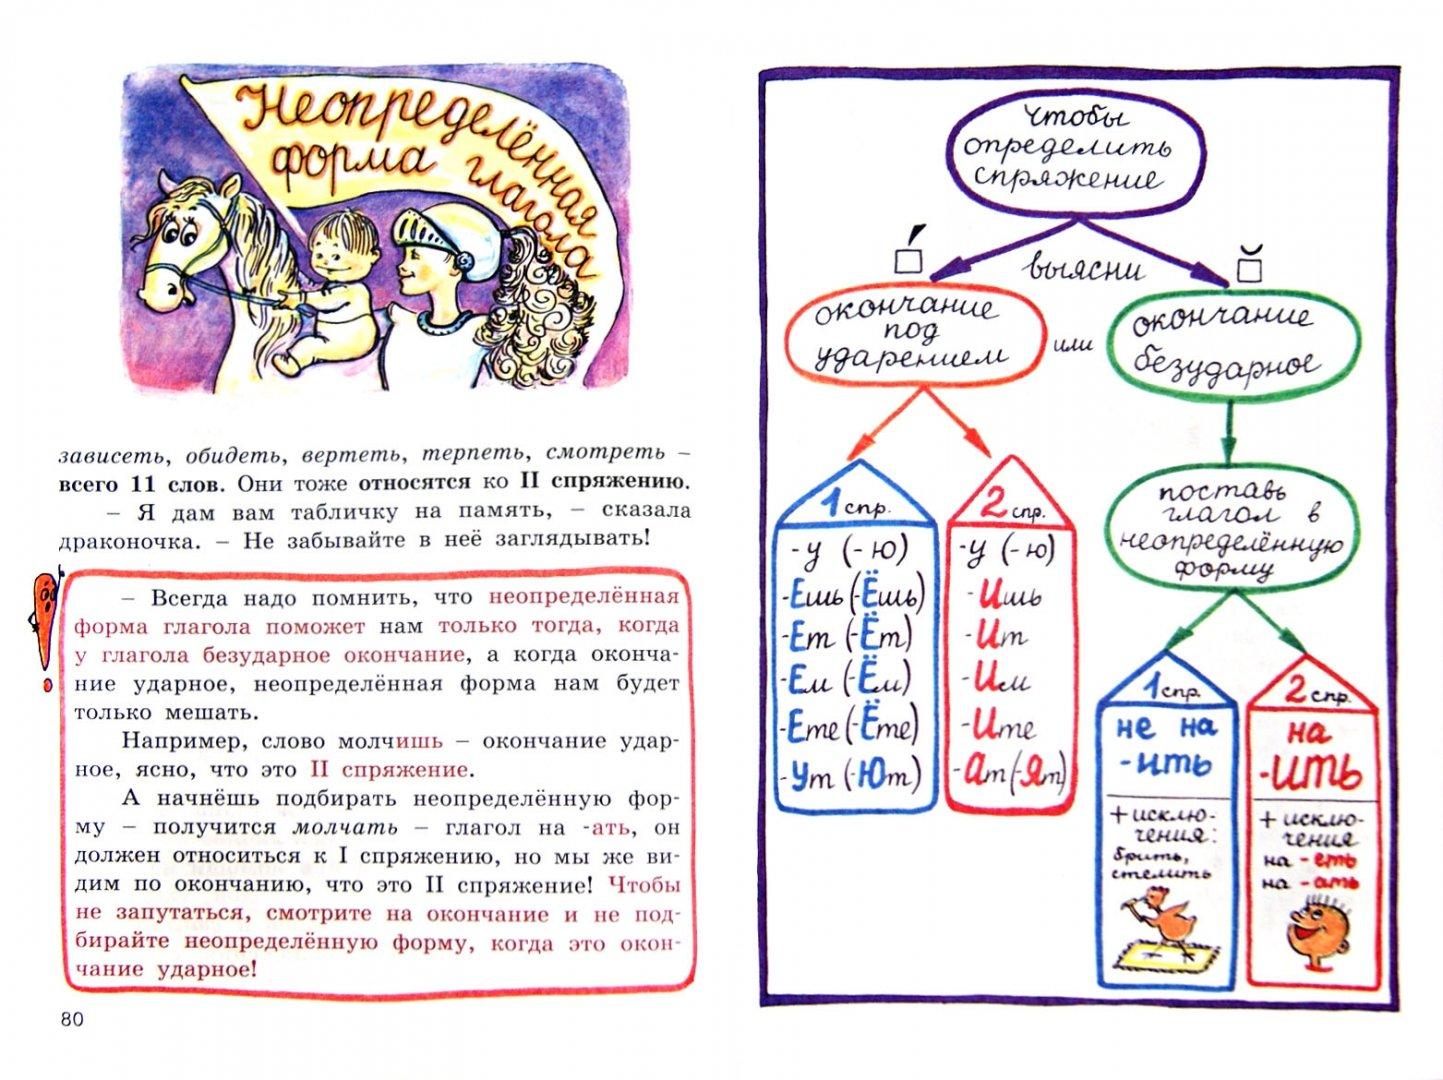 Иллюстрация 1 из 25 для Привет, Причастие! - Татьяна Рик   Лабиринт - книги. Источник: Лабиринт